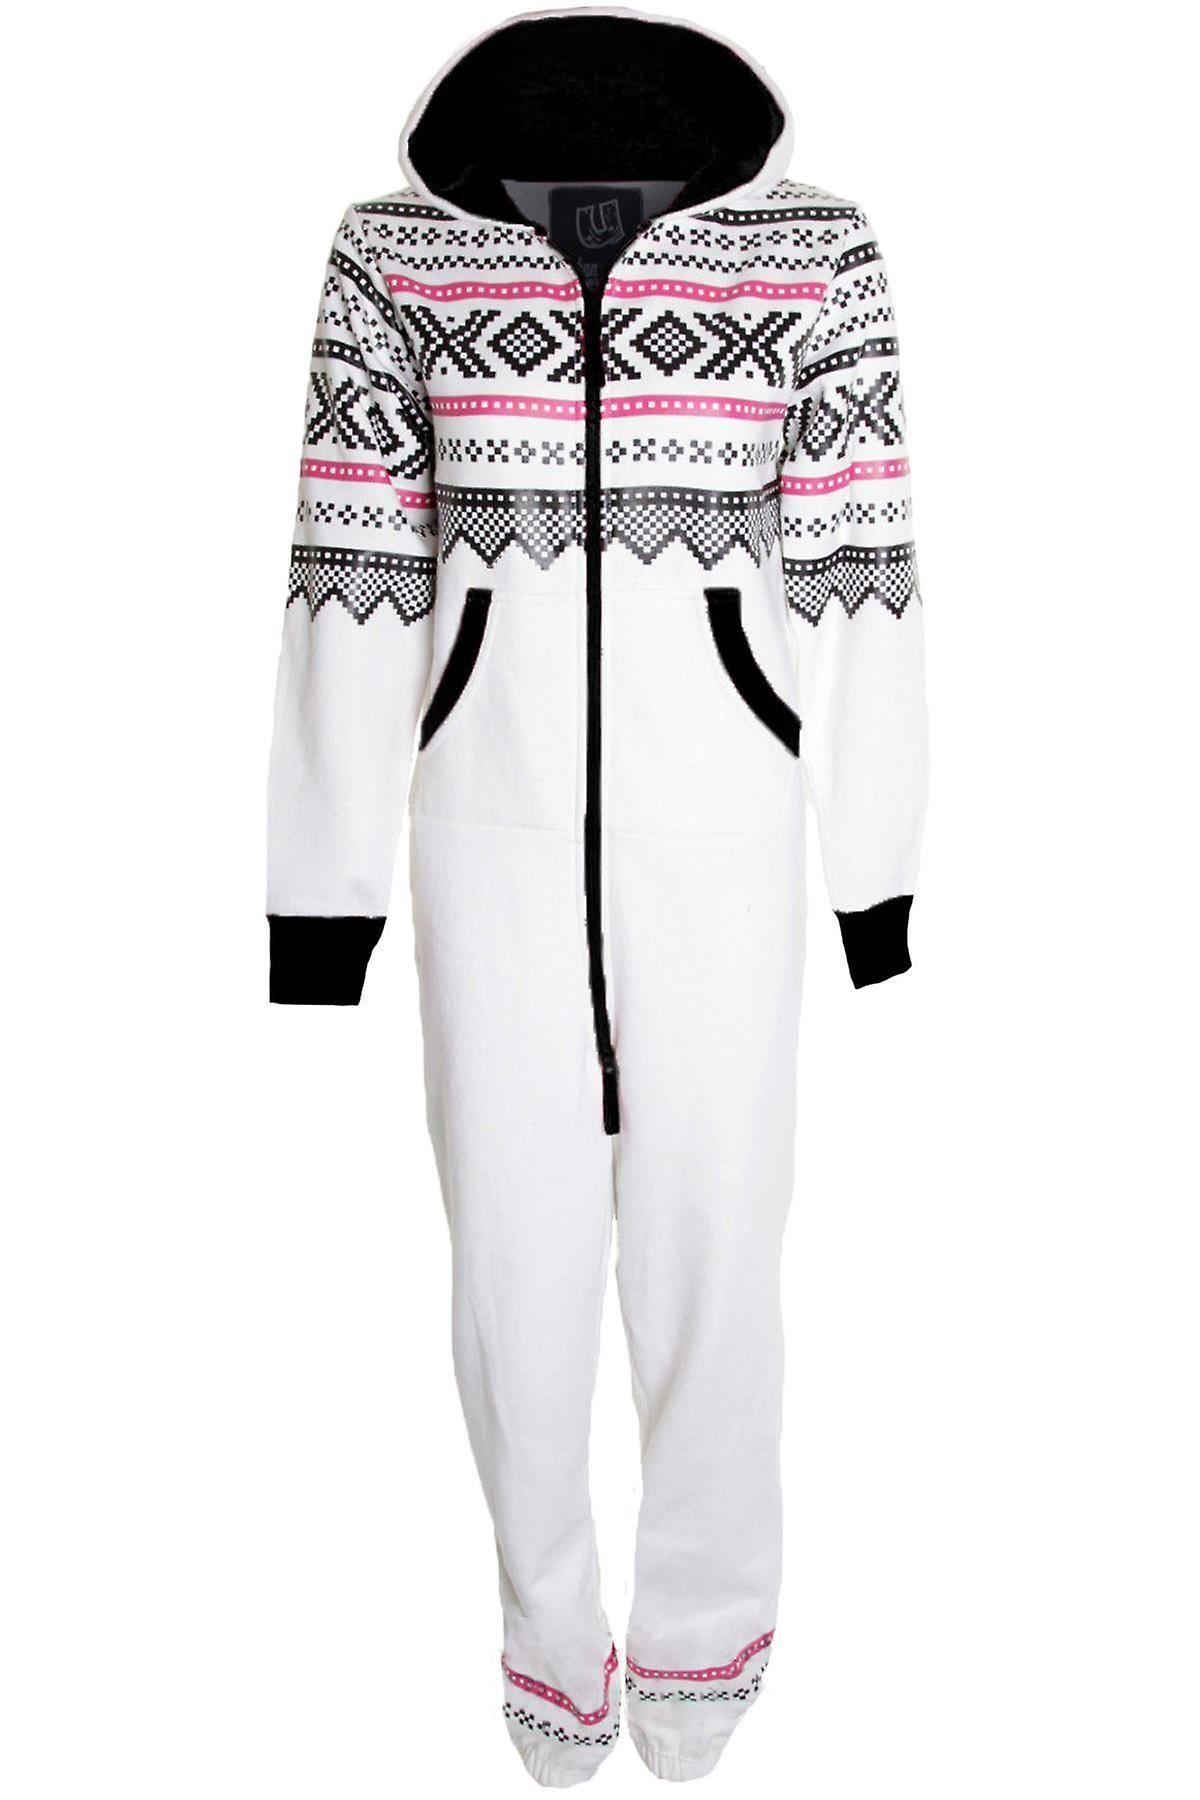 Hyvät Aztec Tulosta kaikki aikuisilla hupullinen Jumpsuit naisten Playsuit puku